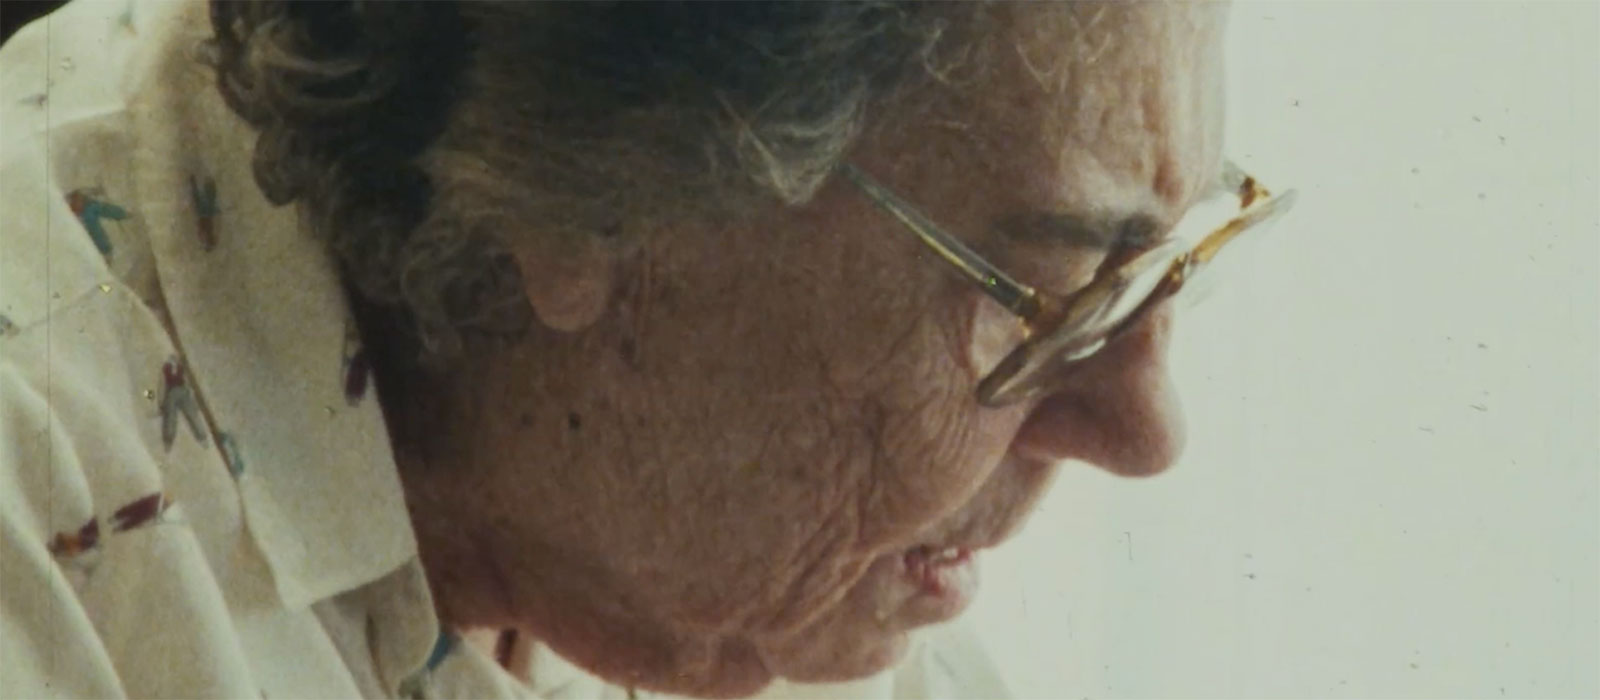 Evelyn Hooker in profile